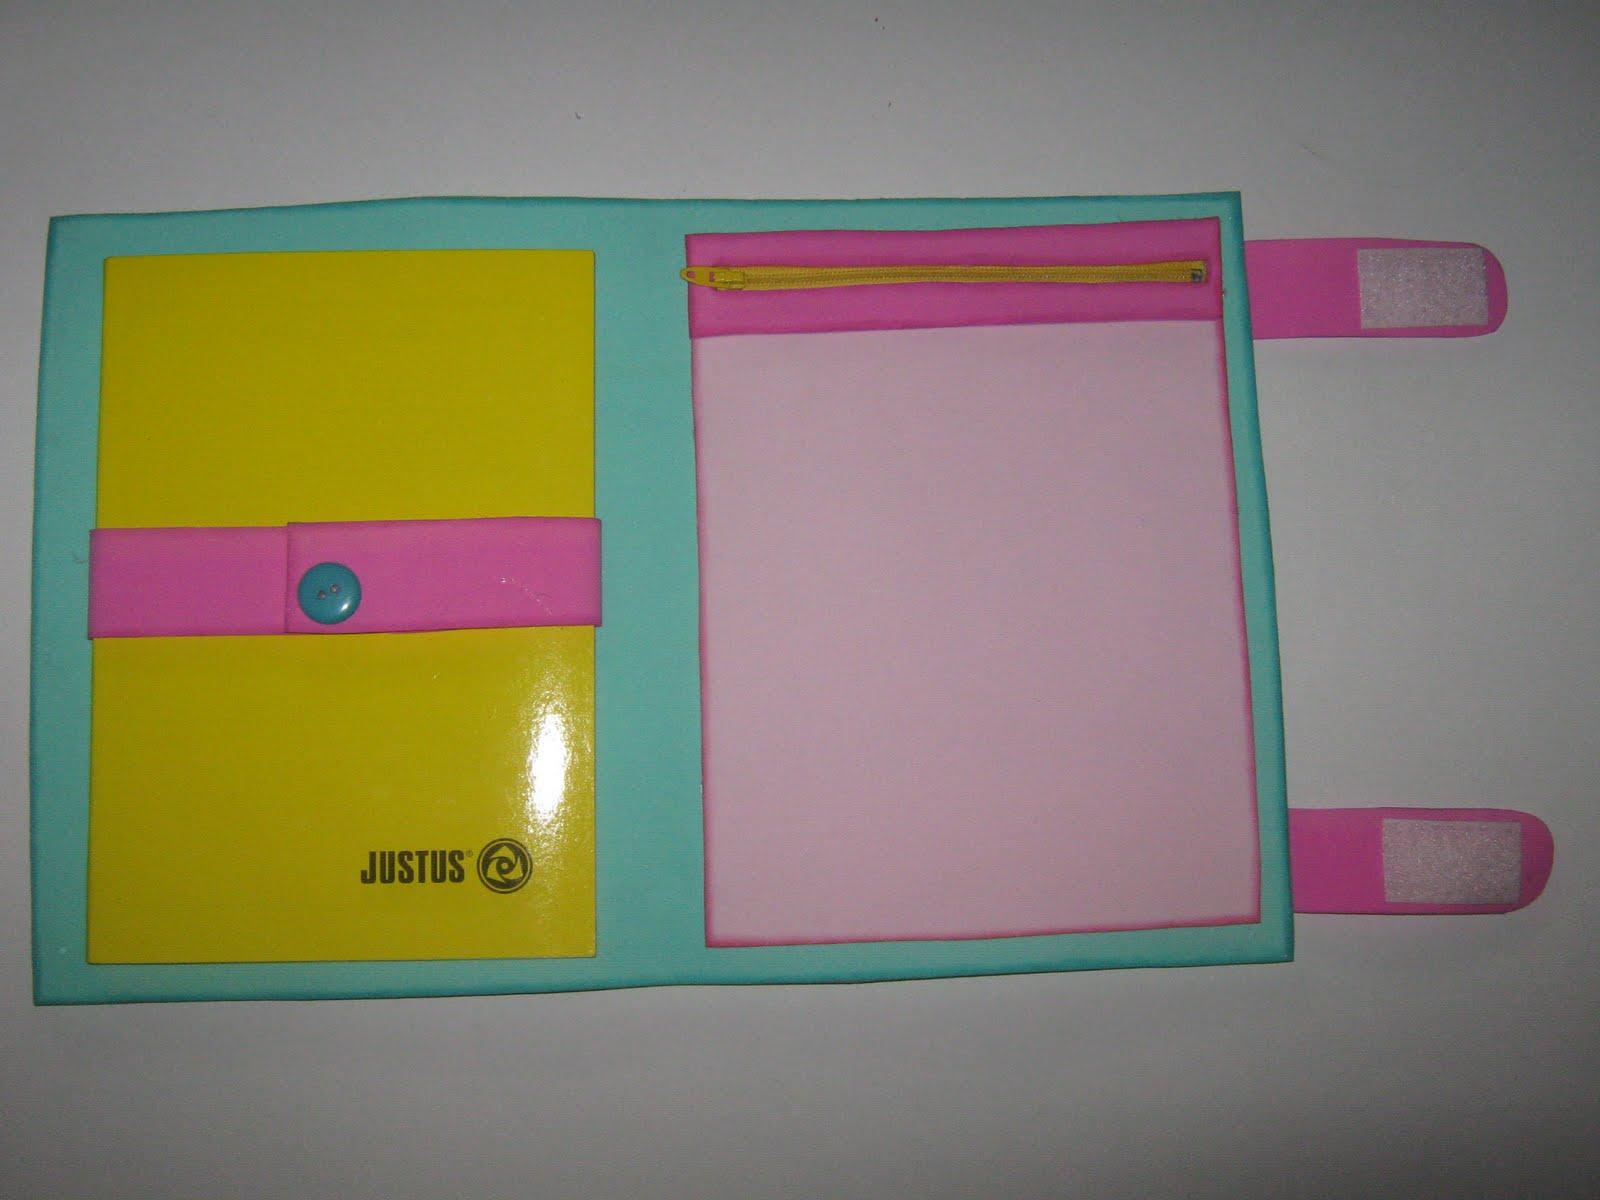 Como hacer un portafolio en foami paso a paso - Imagui